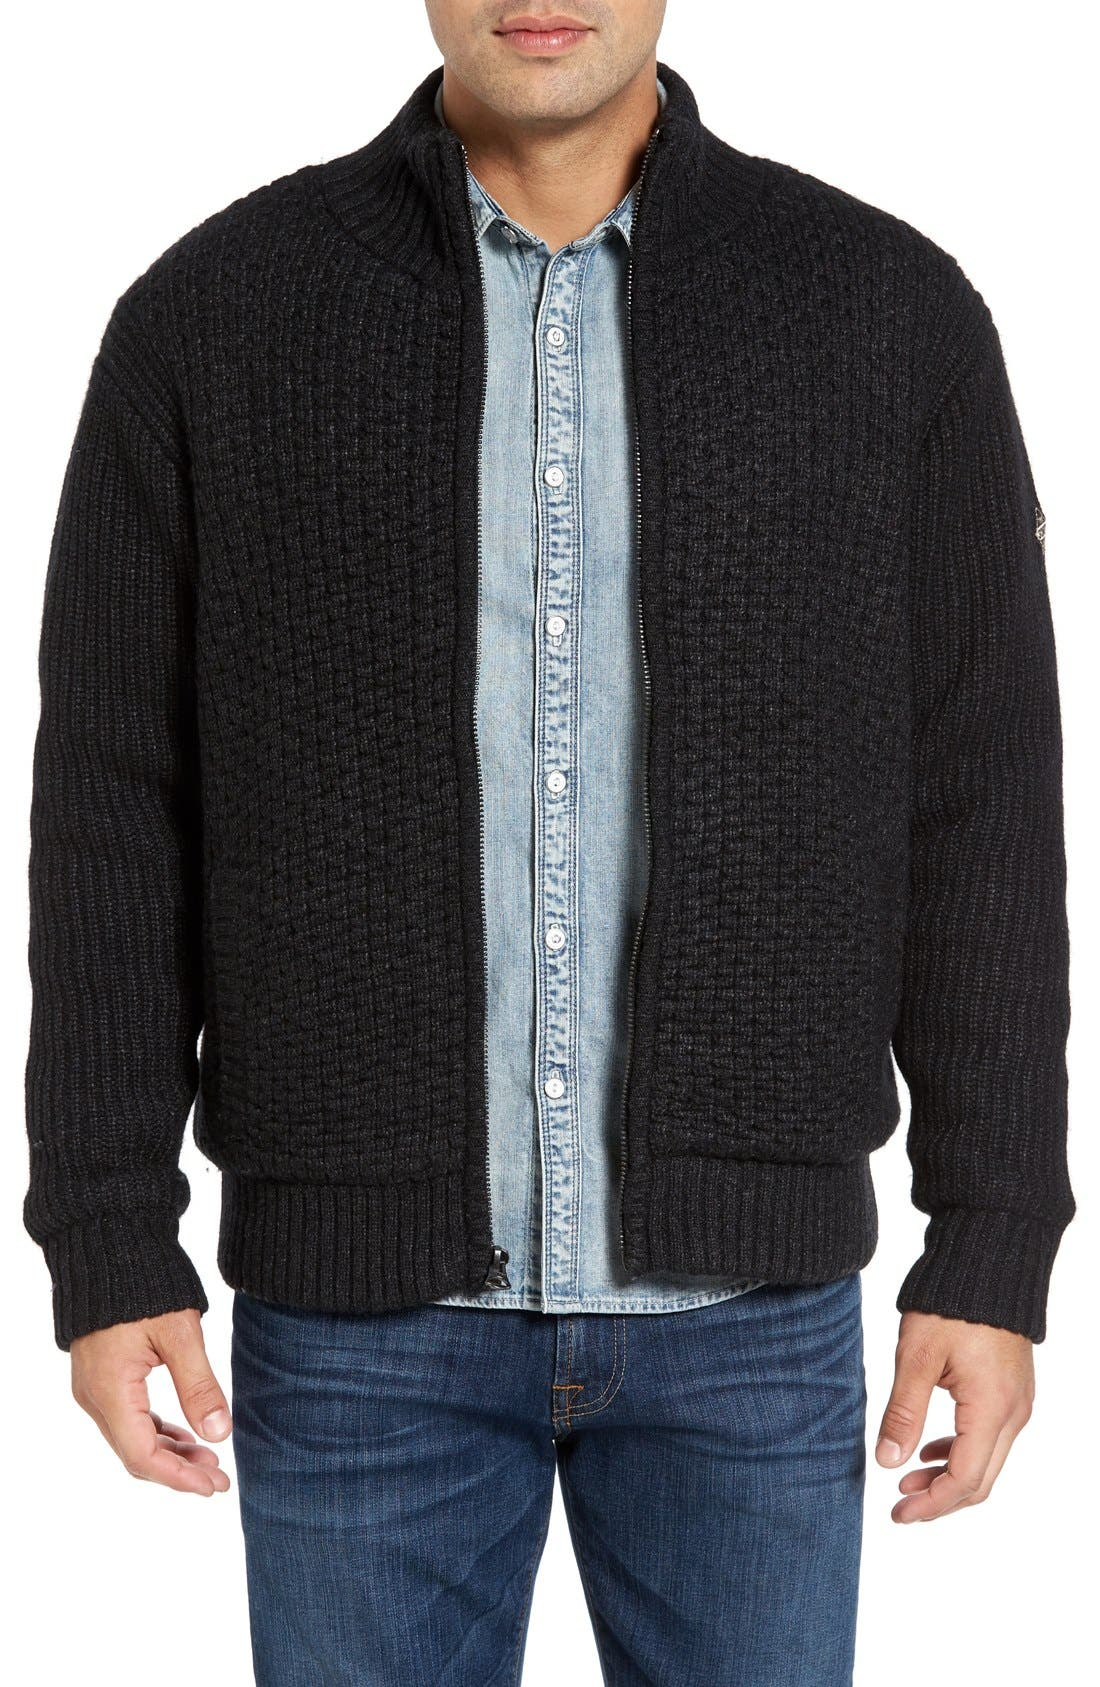 Schott NYC Zip Front Faux Sherpa Lined Sweater Jacket